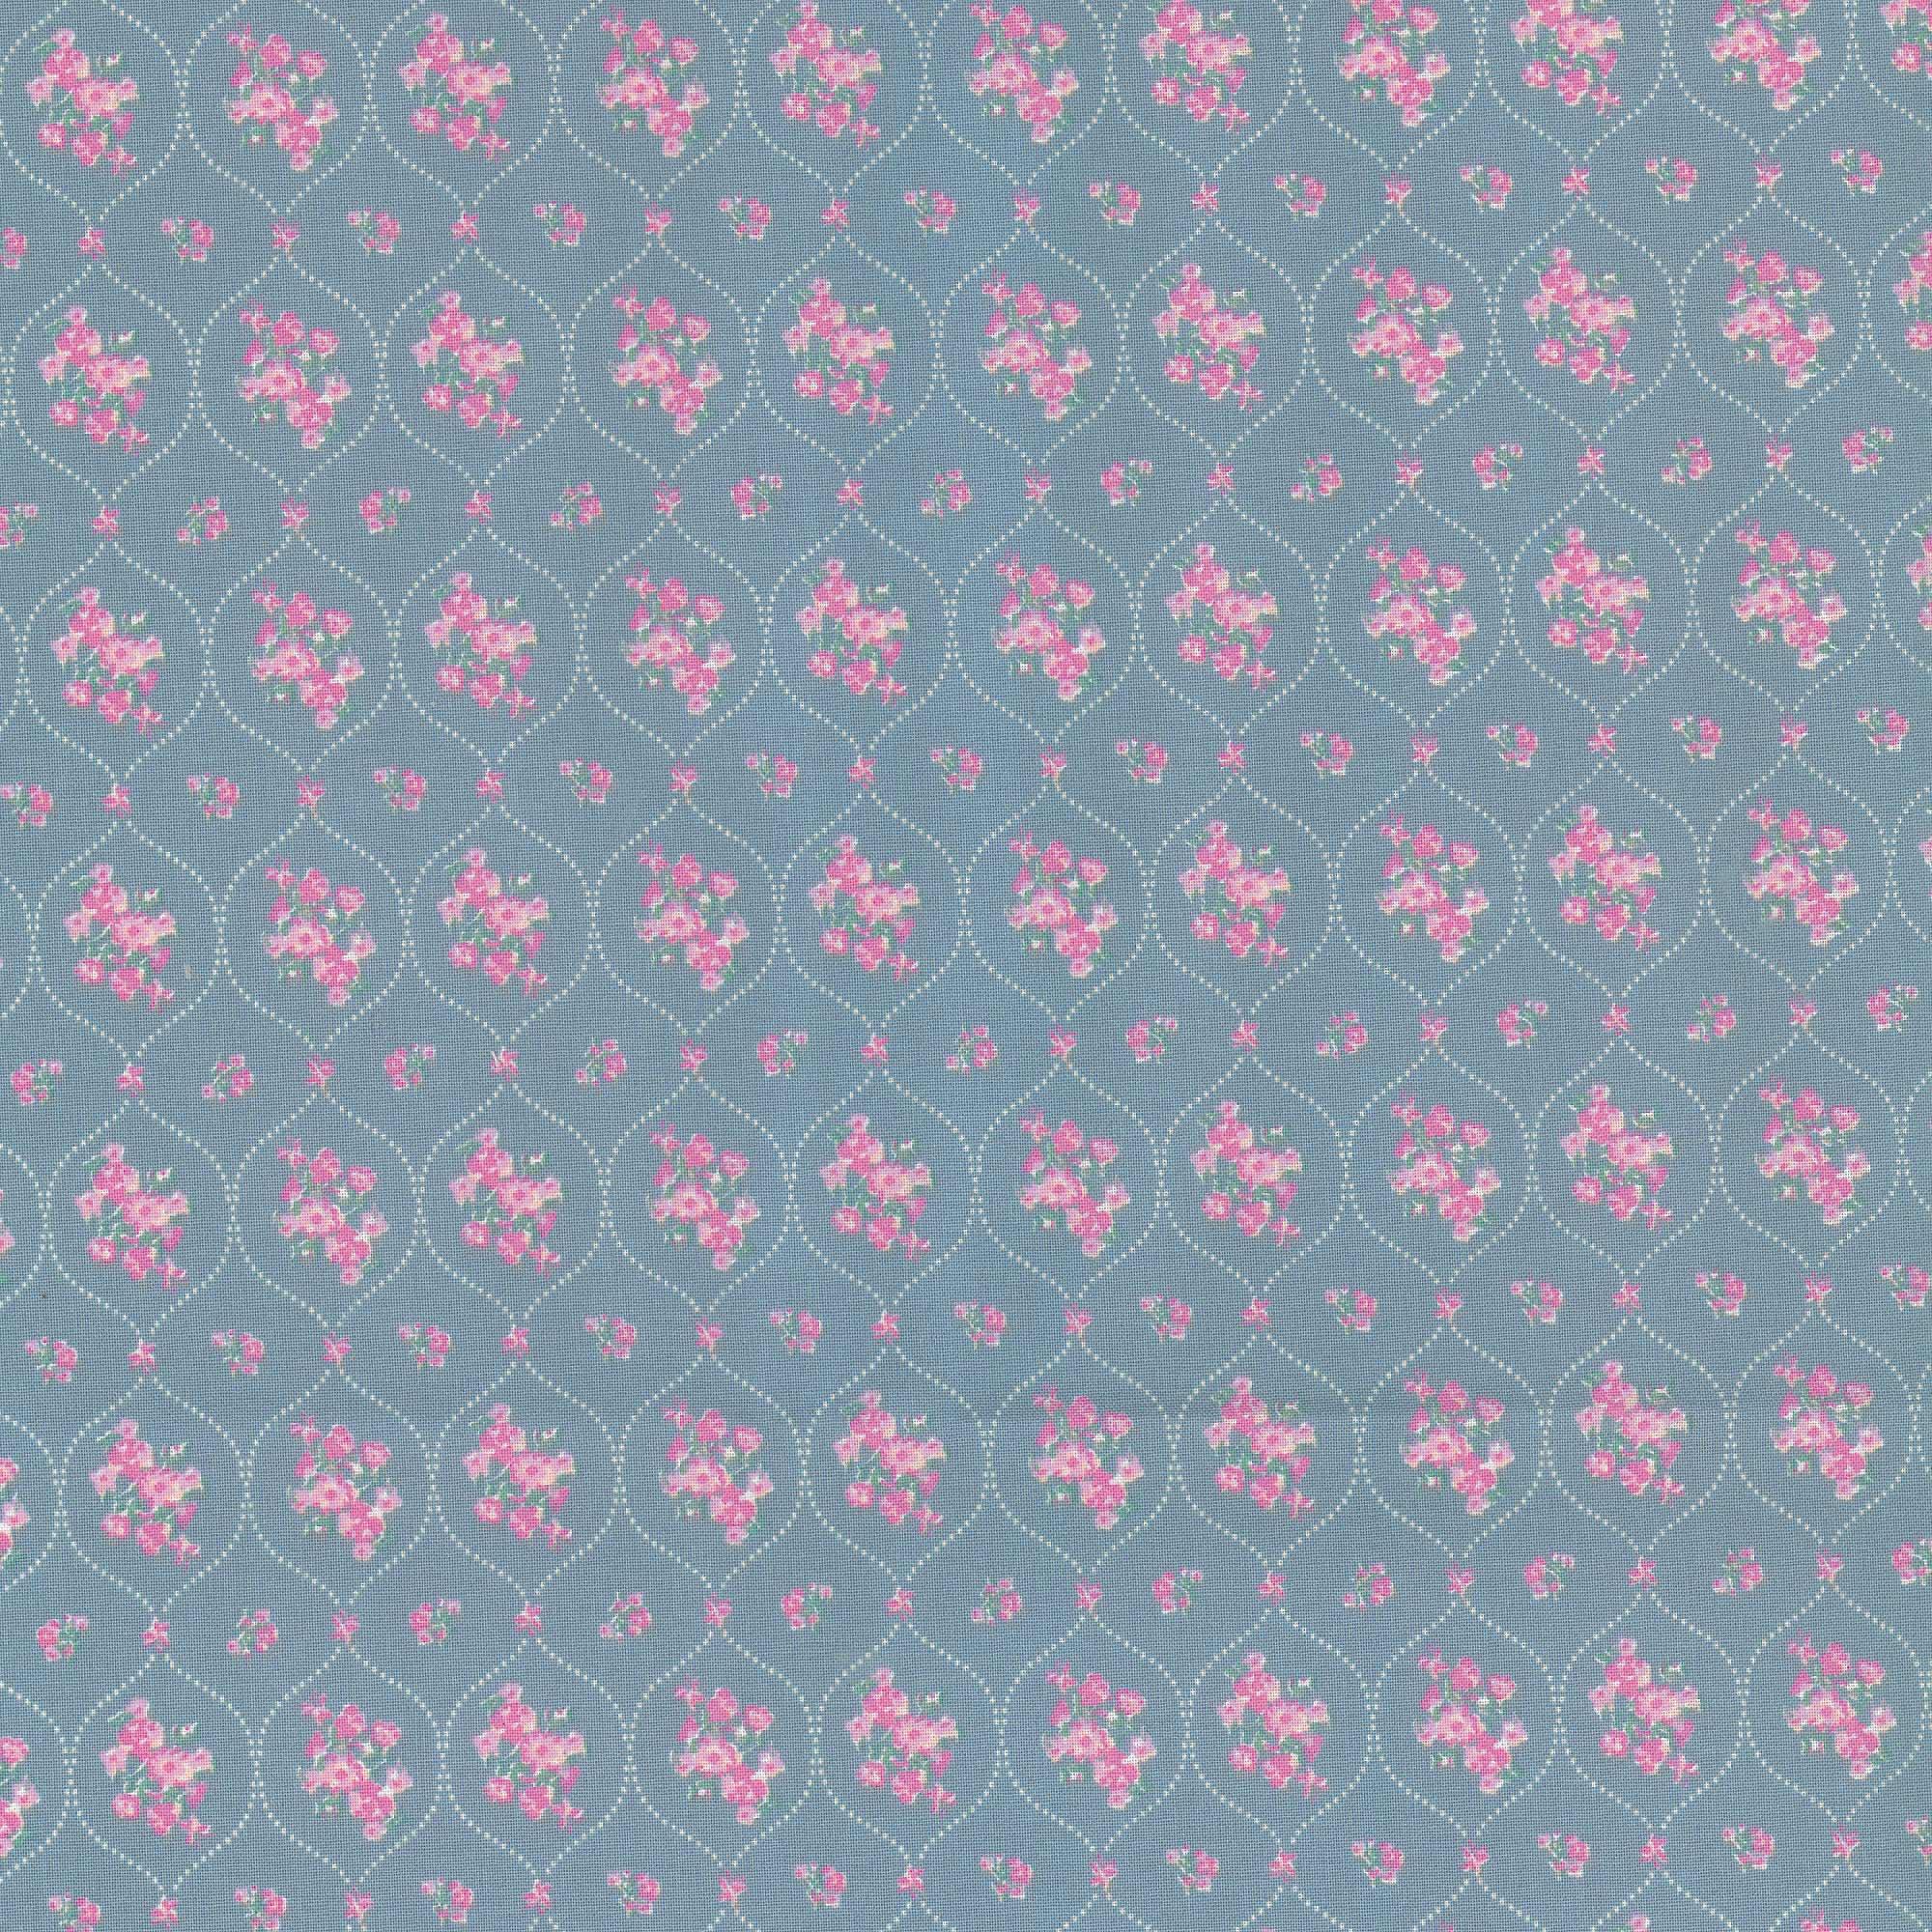 produkt_img/010507045.jpg